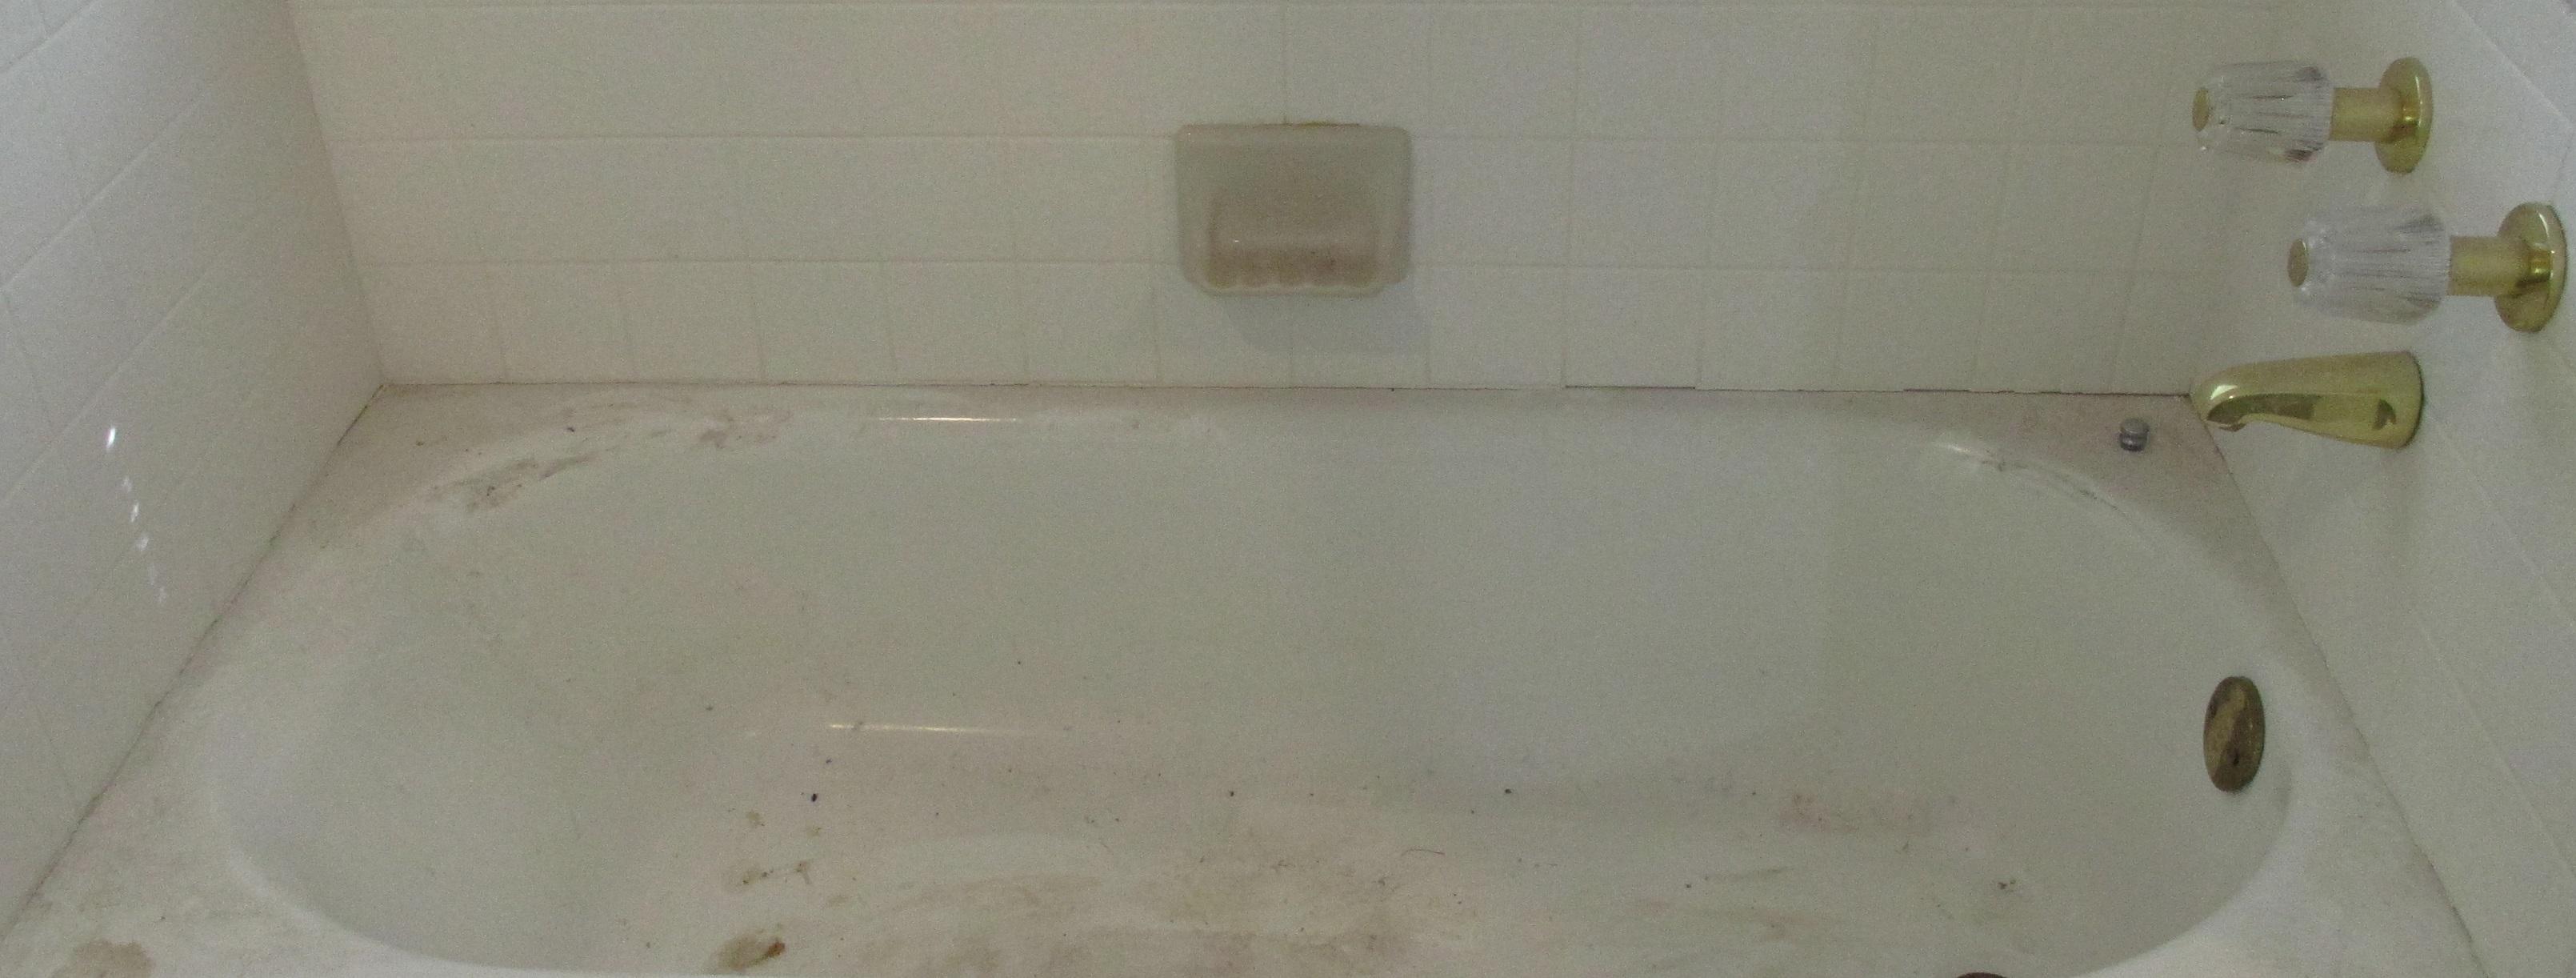 Bathtub Refinishing - Bathtub Repair